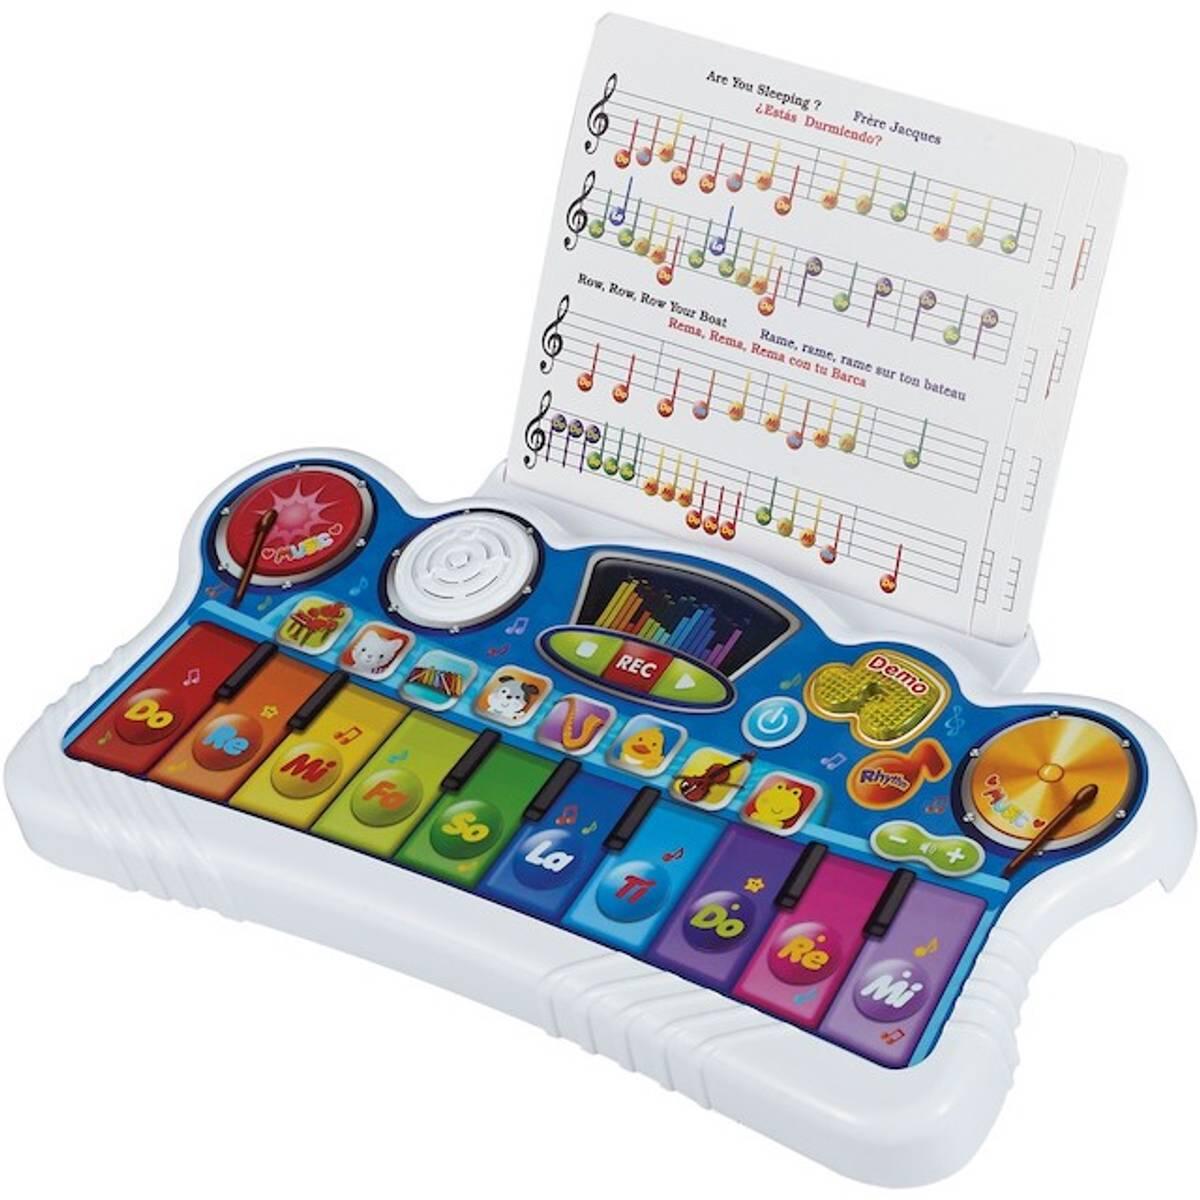 InfunBebe Keyboard Baby